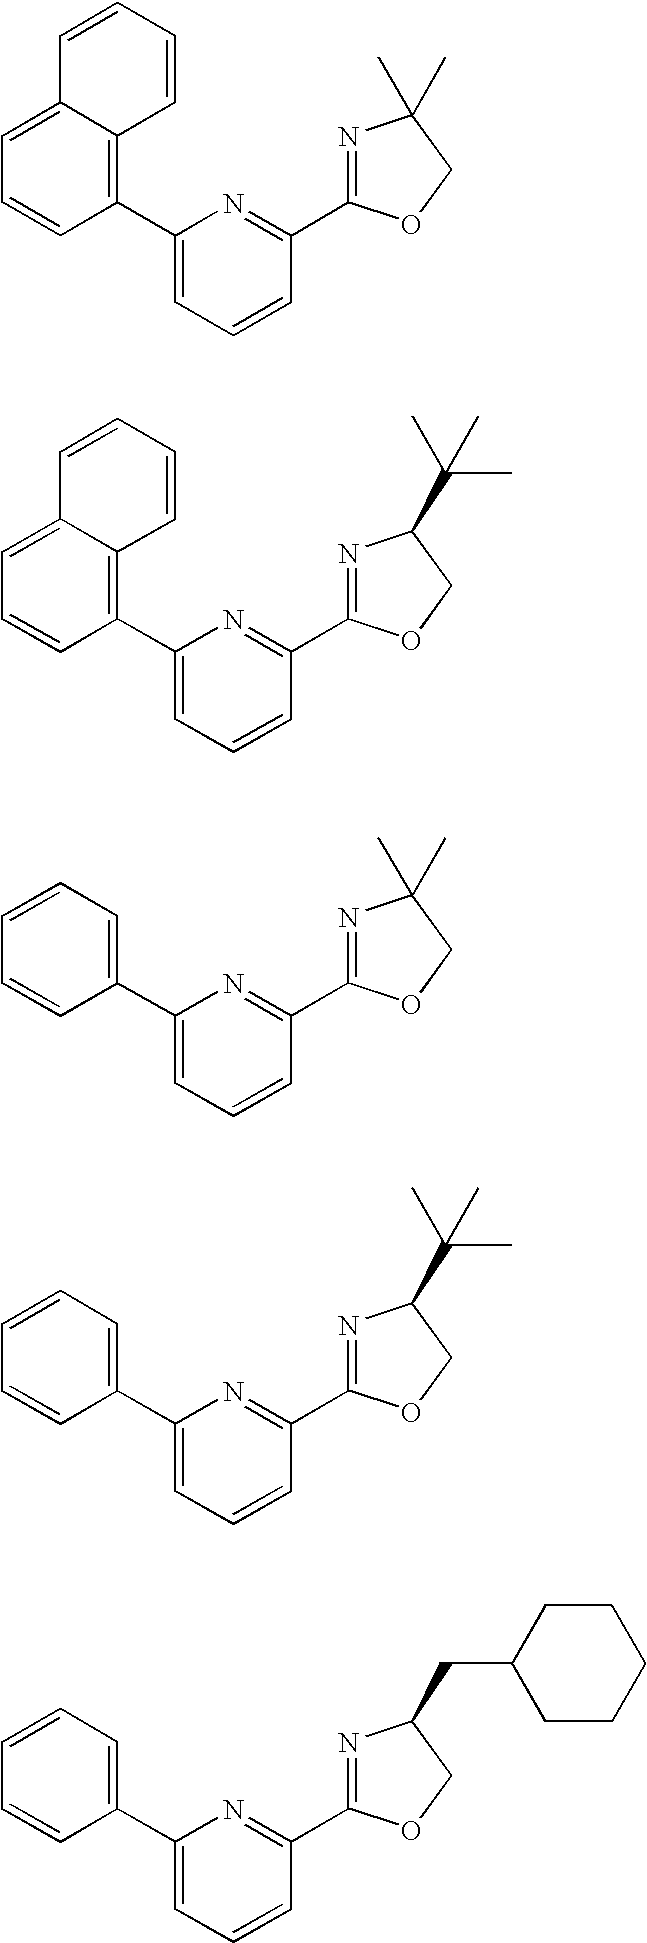 Figure US08138348-20120320-C00007